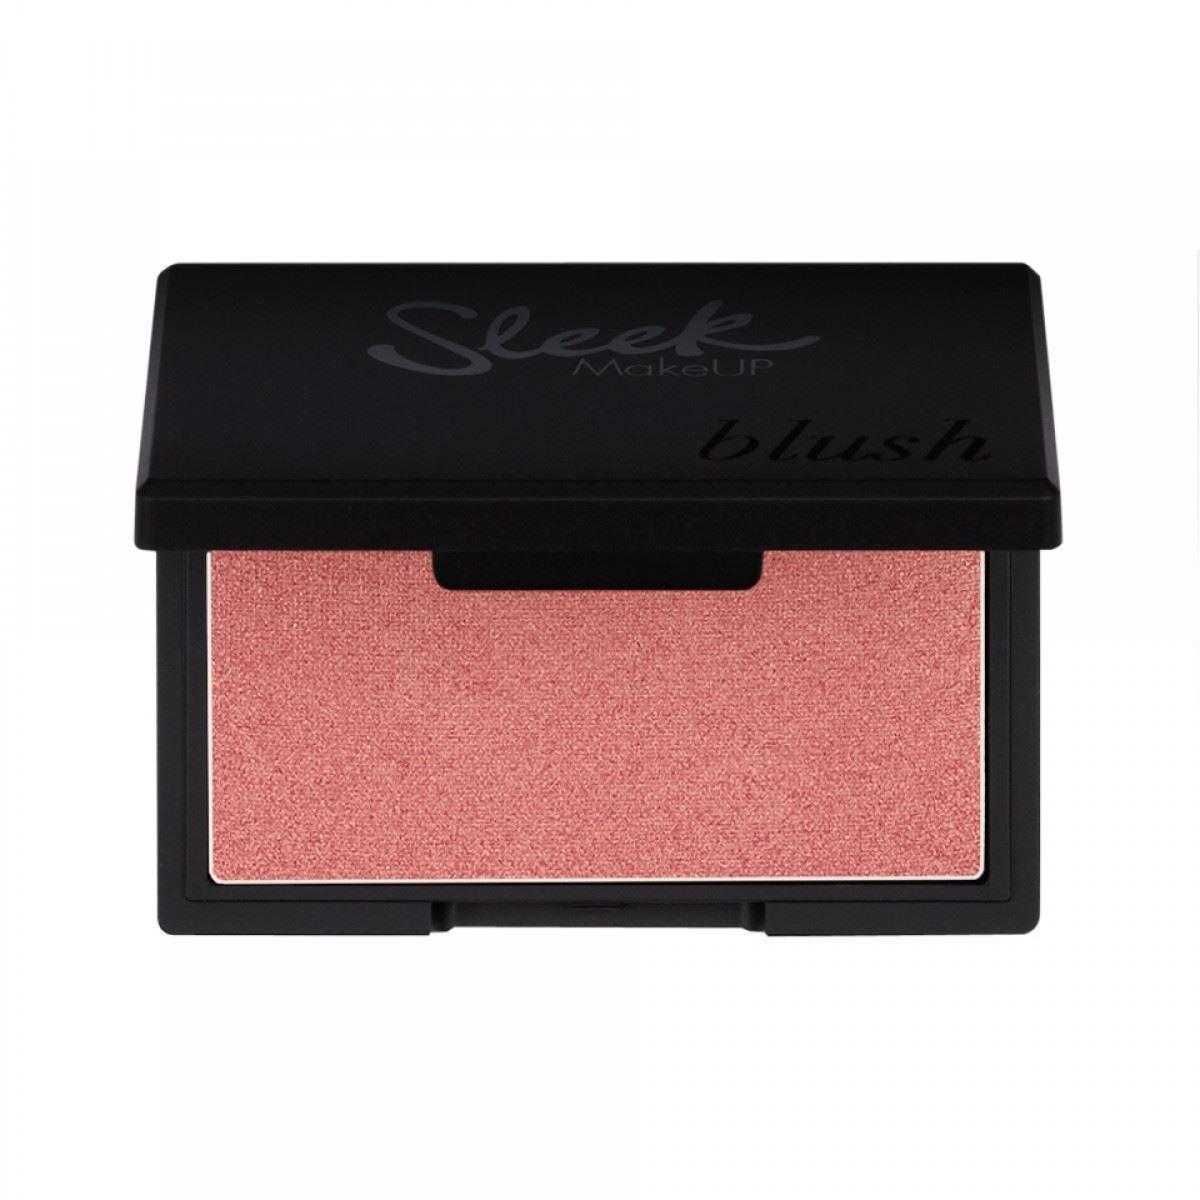 MakeUP Blush - Rose Gold